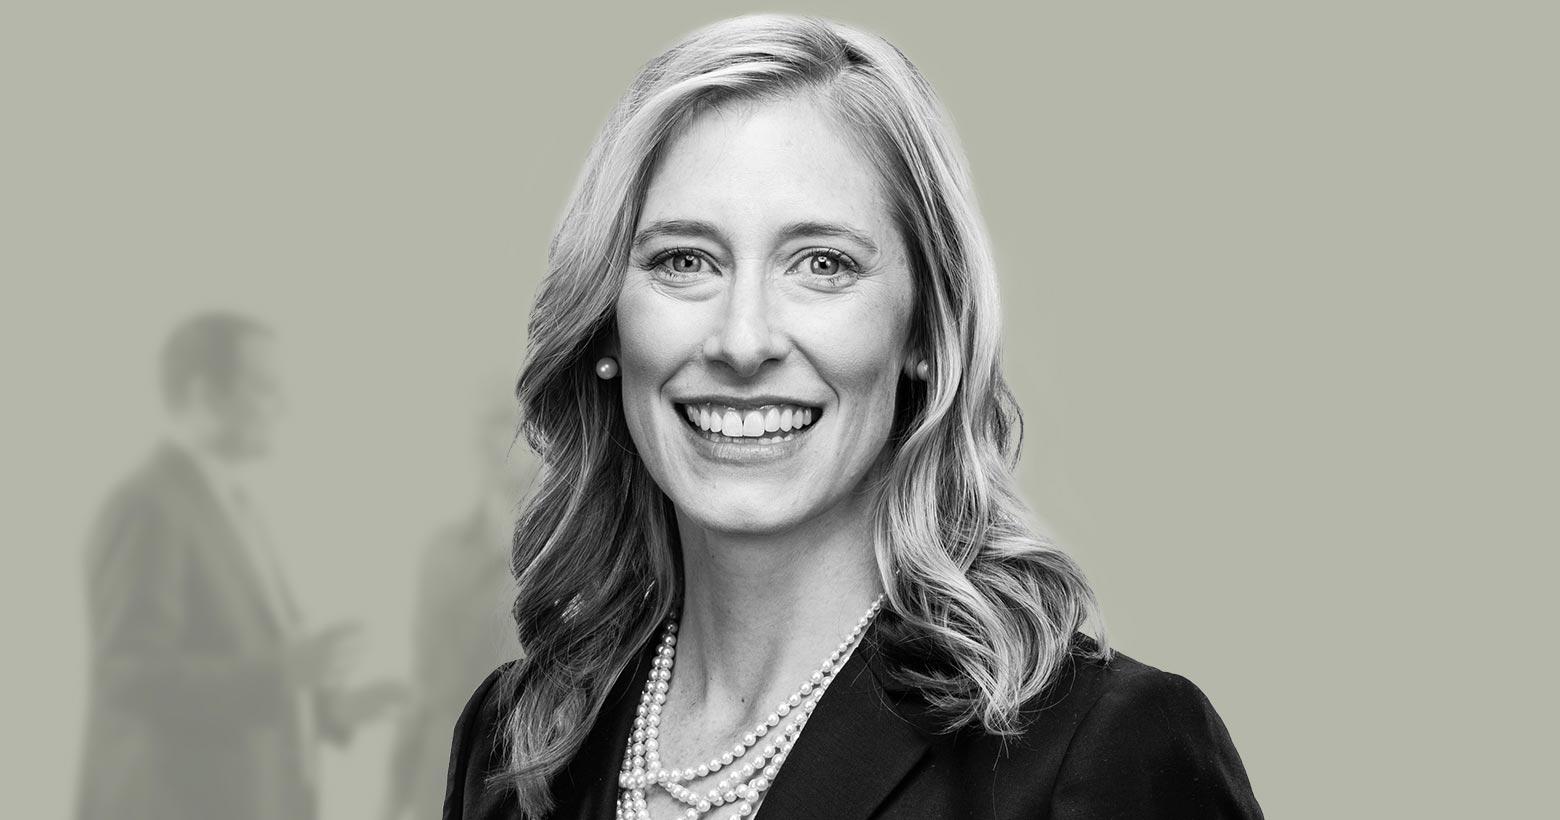 Jennifer J. Levitt